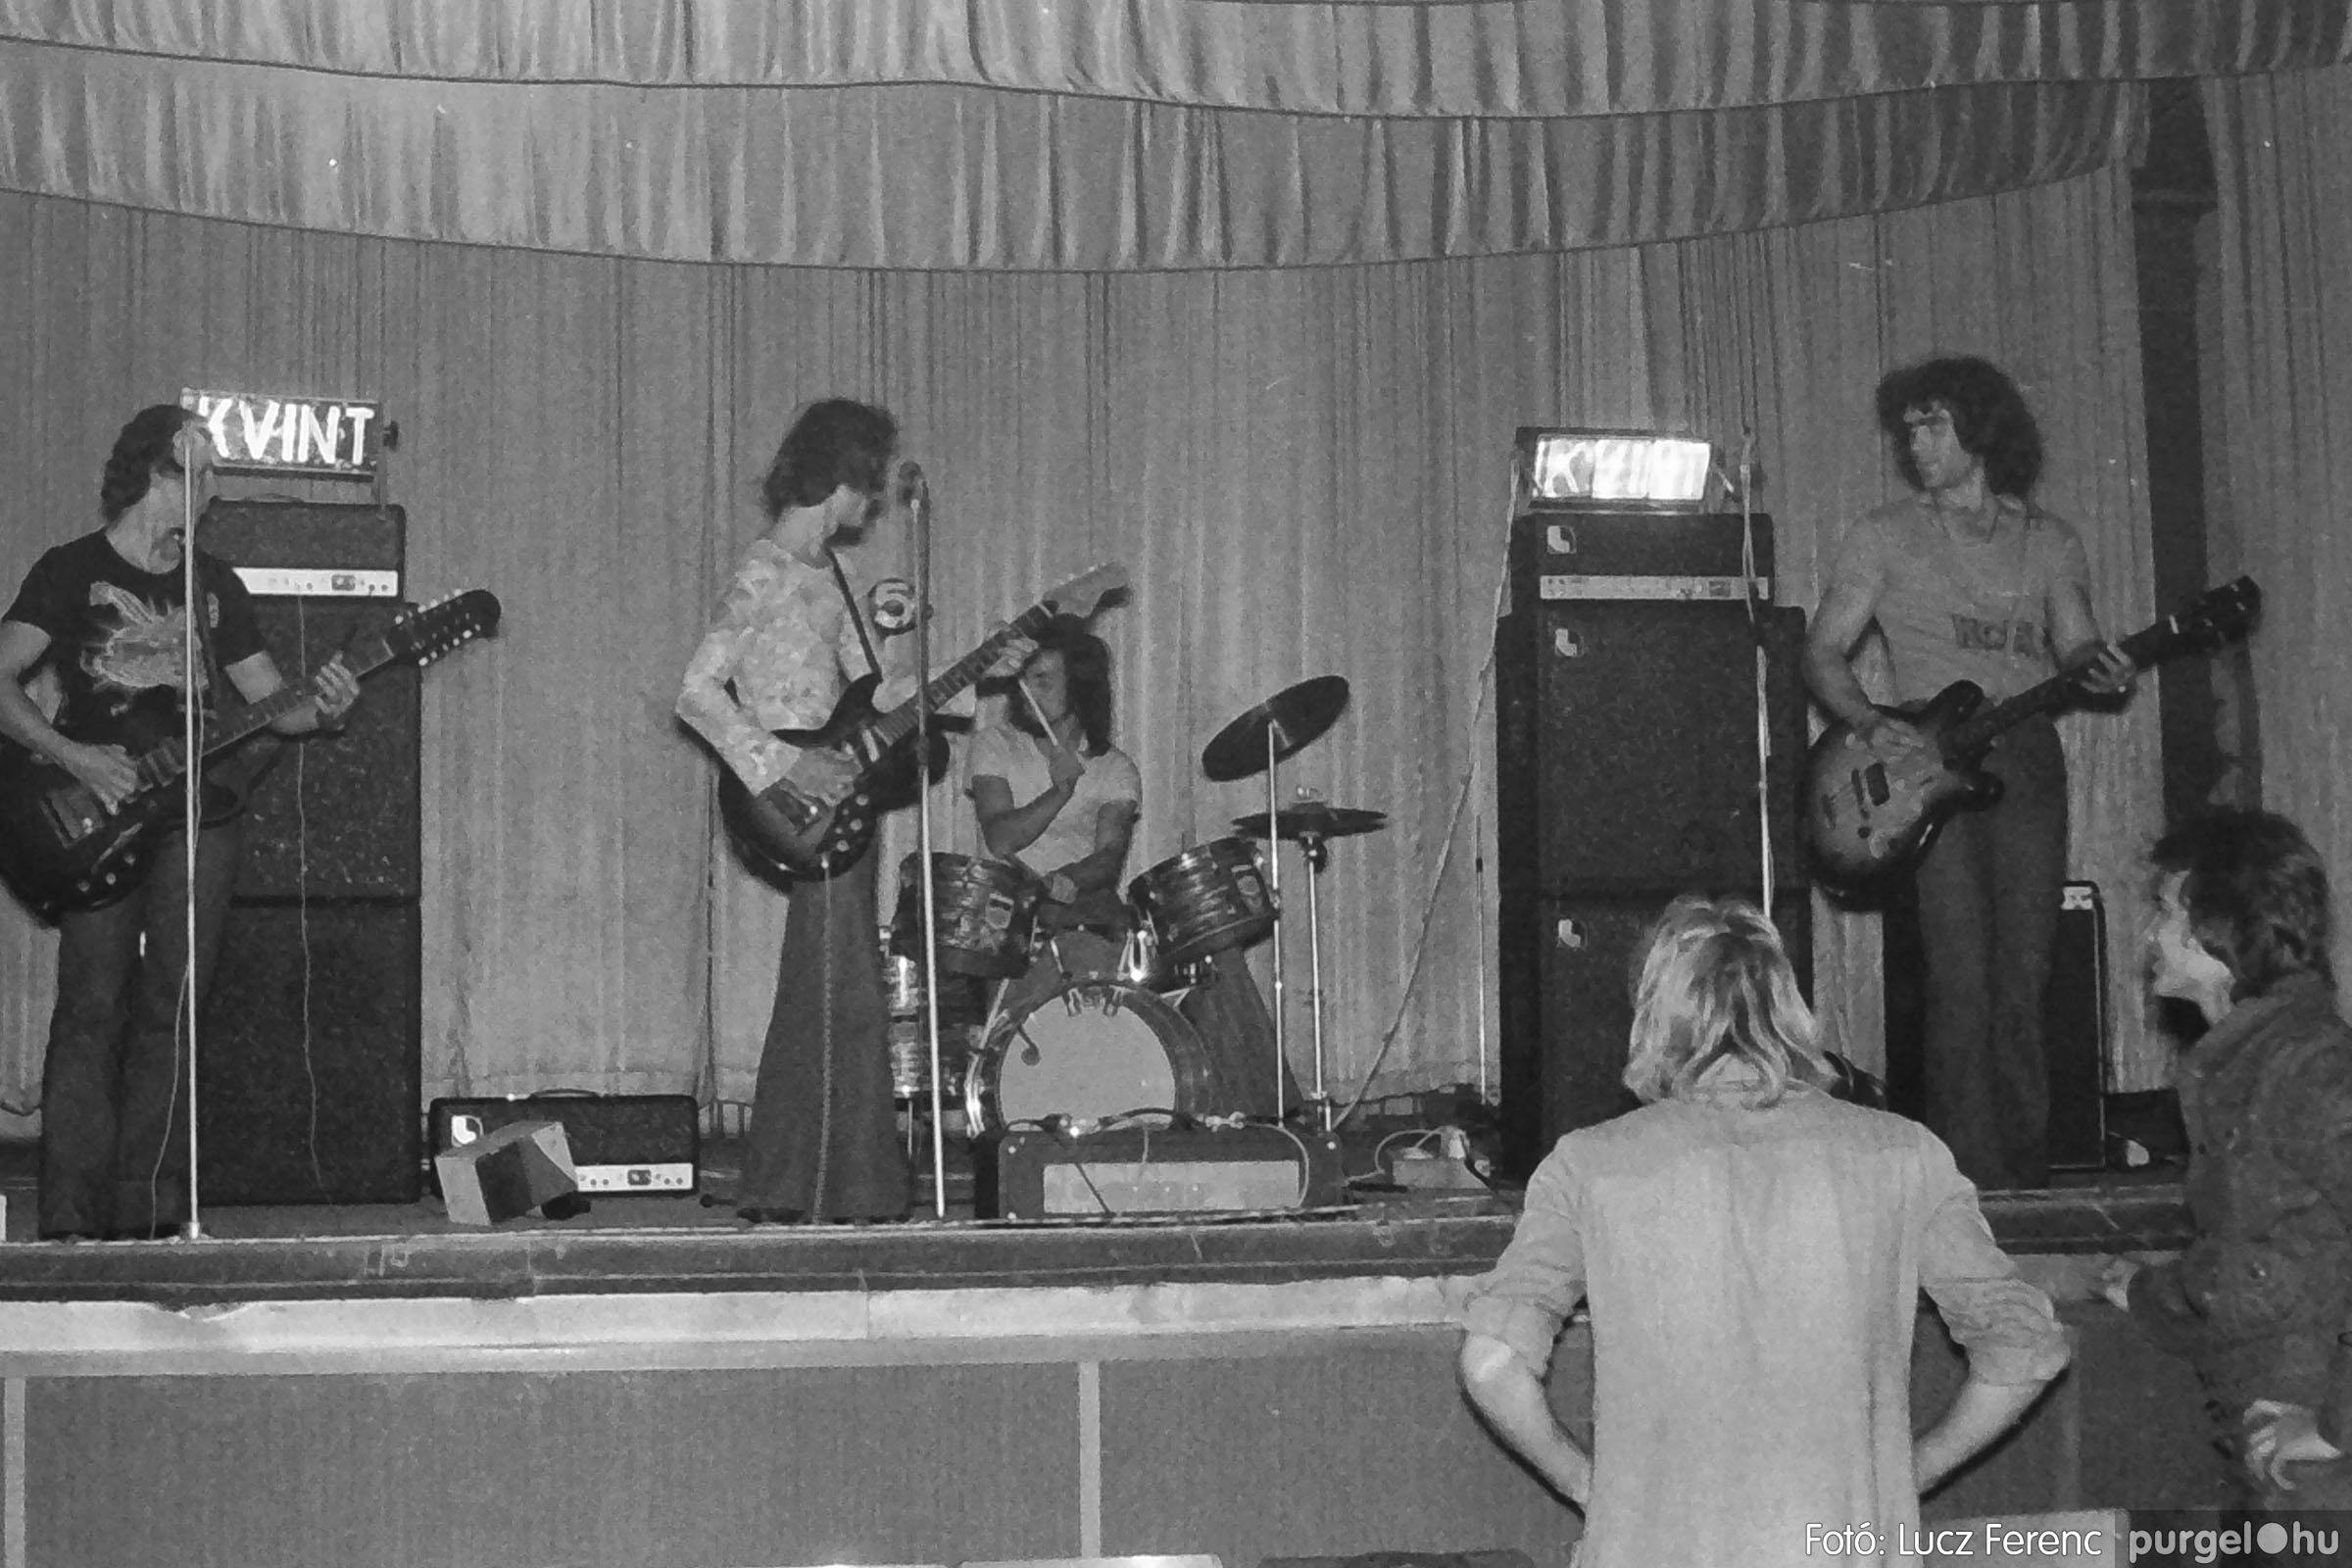 024 1975. A Kvint, az LWH és a Keopsz Együttesek koncertje 004 - Fotó: Lucz Ferenc IMG00182q.jpg